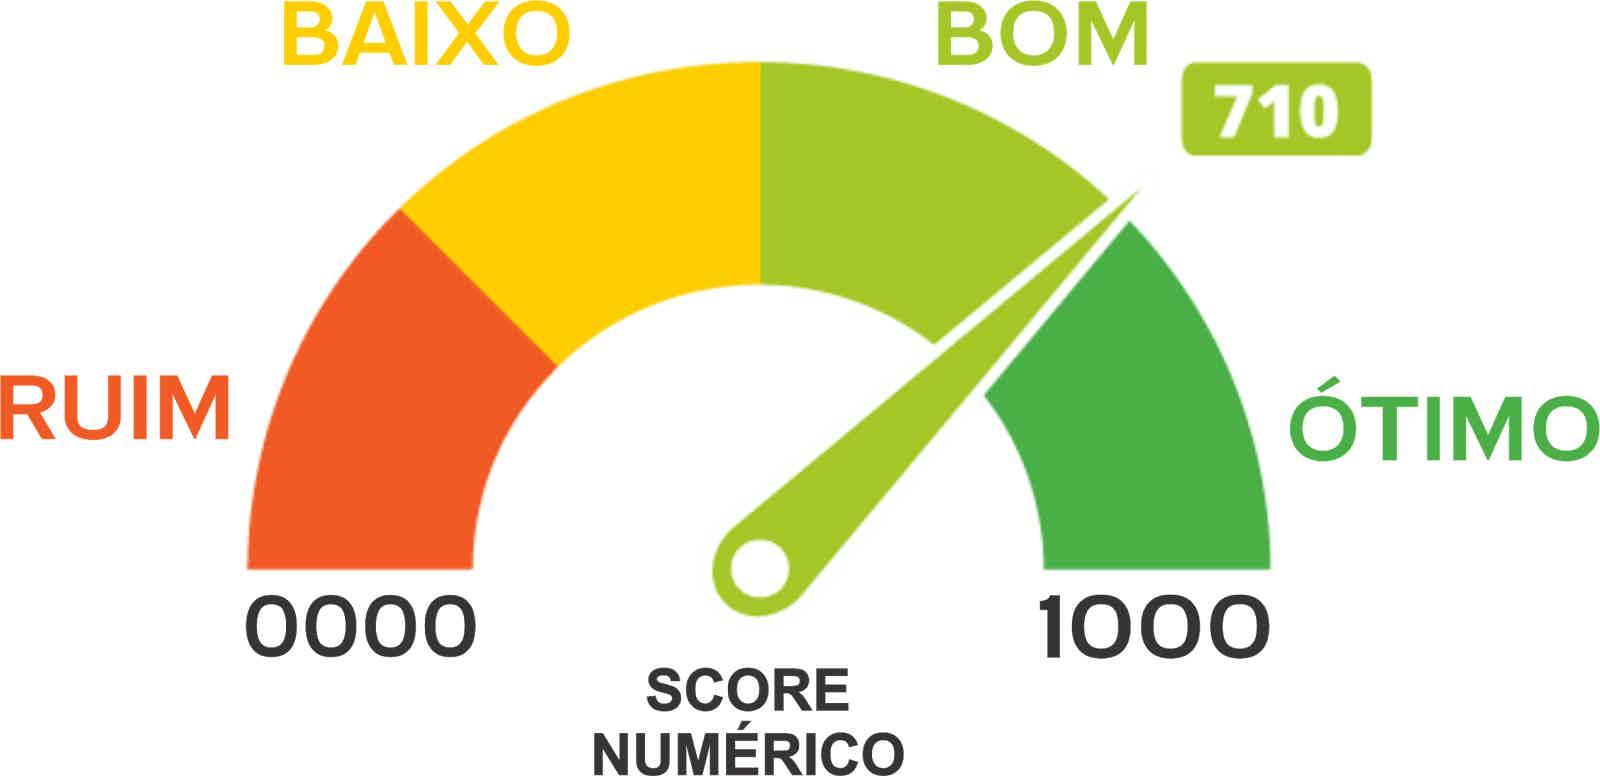 Veja 7 dicas interessantes de como aumentar score em 2021.